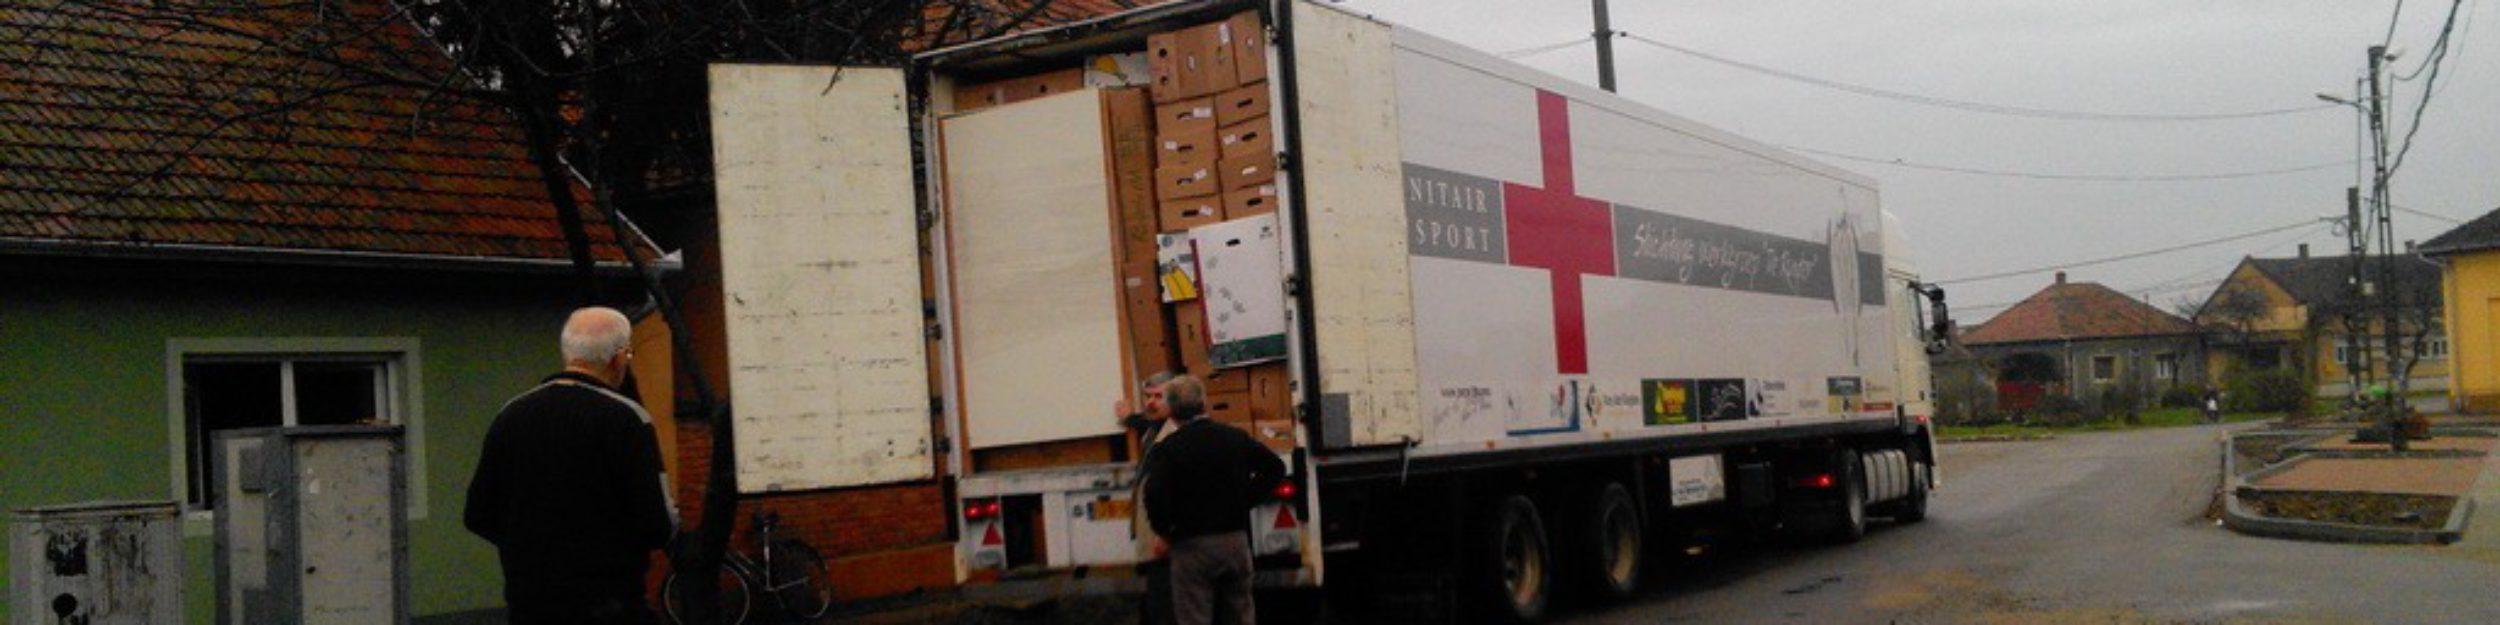 Stichting Werkgroep de Ruyter, hulp aan Oost-Europa